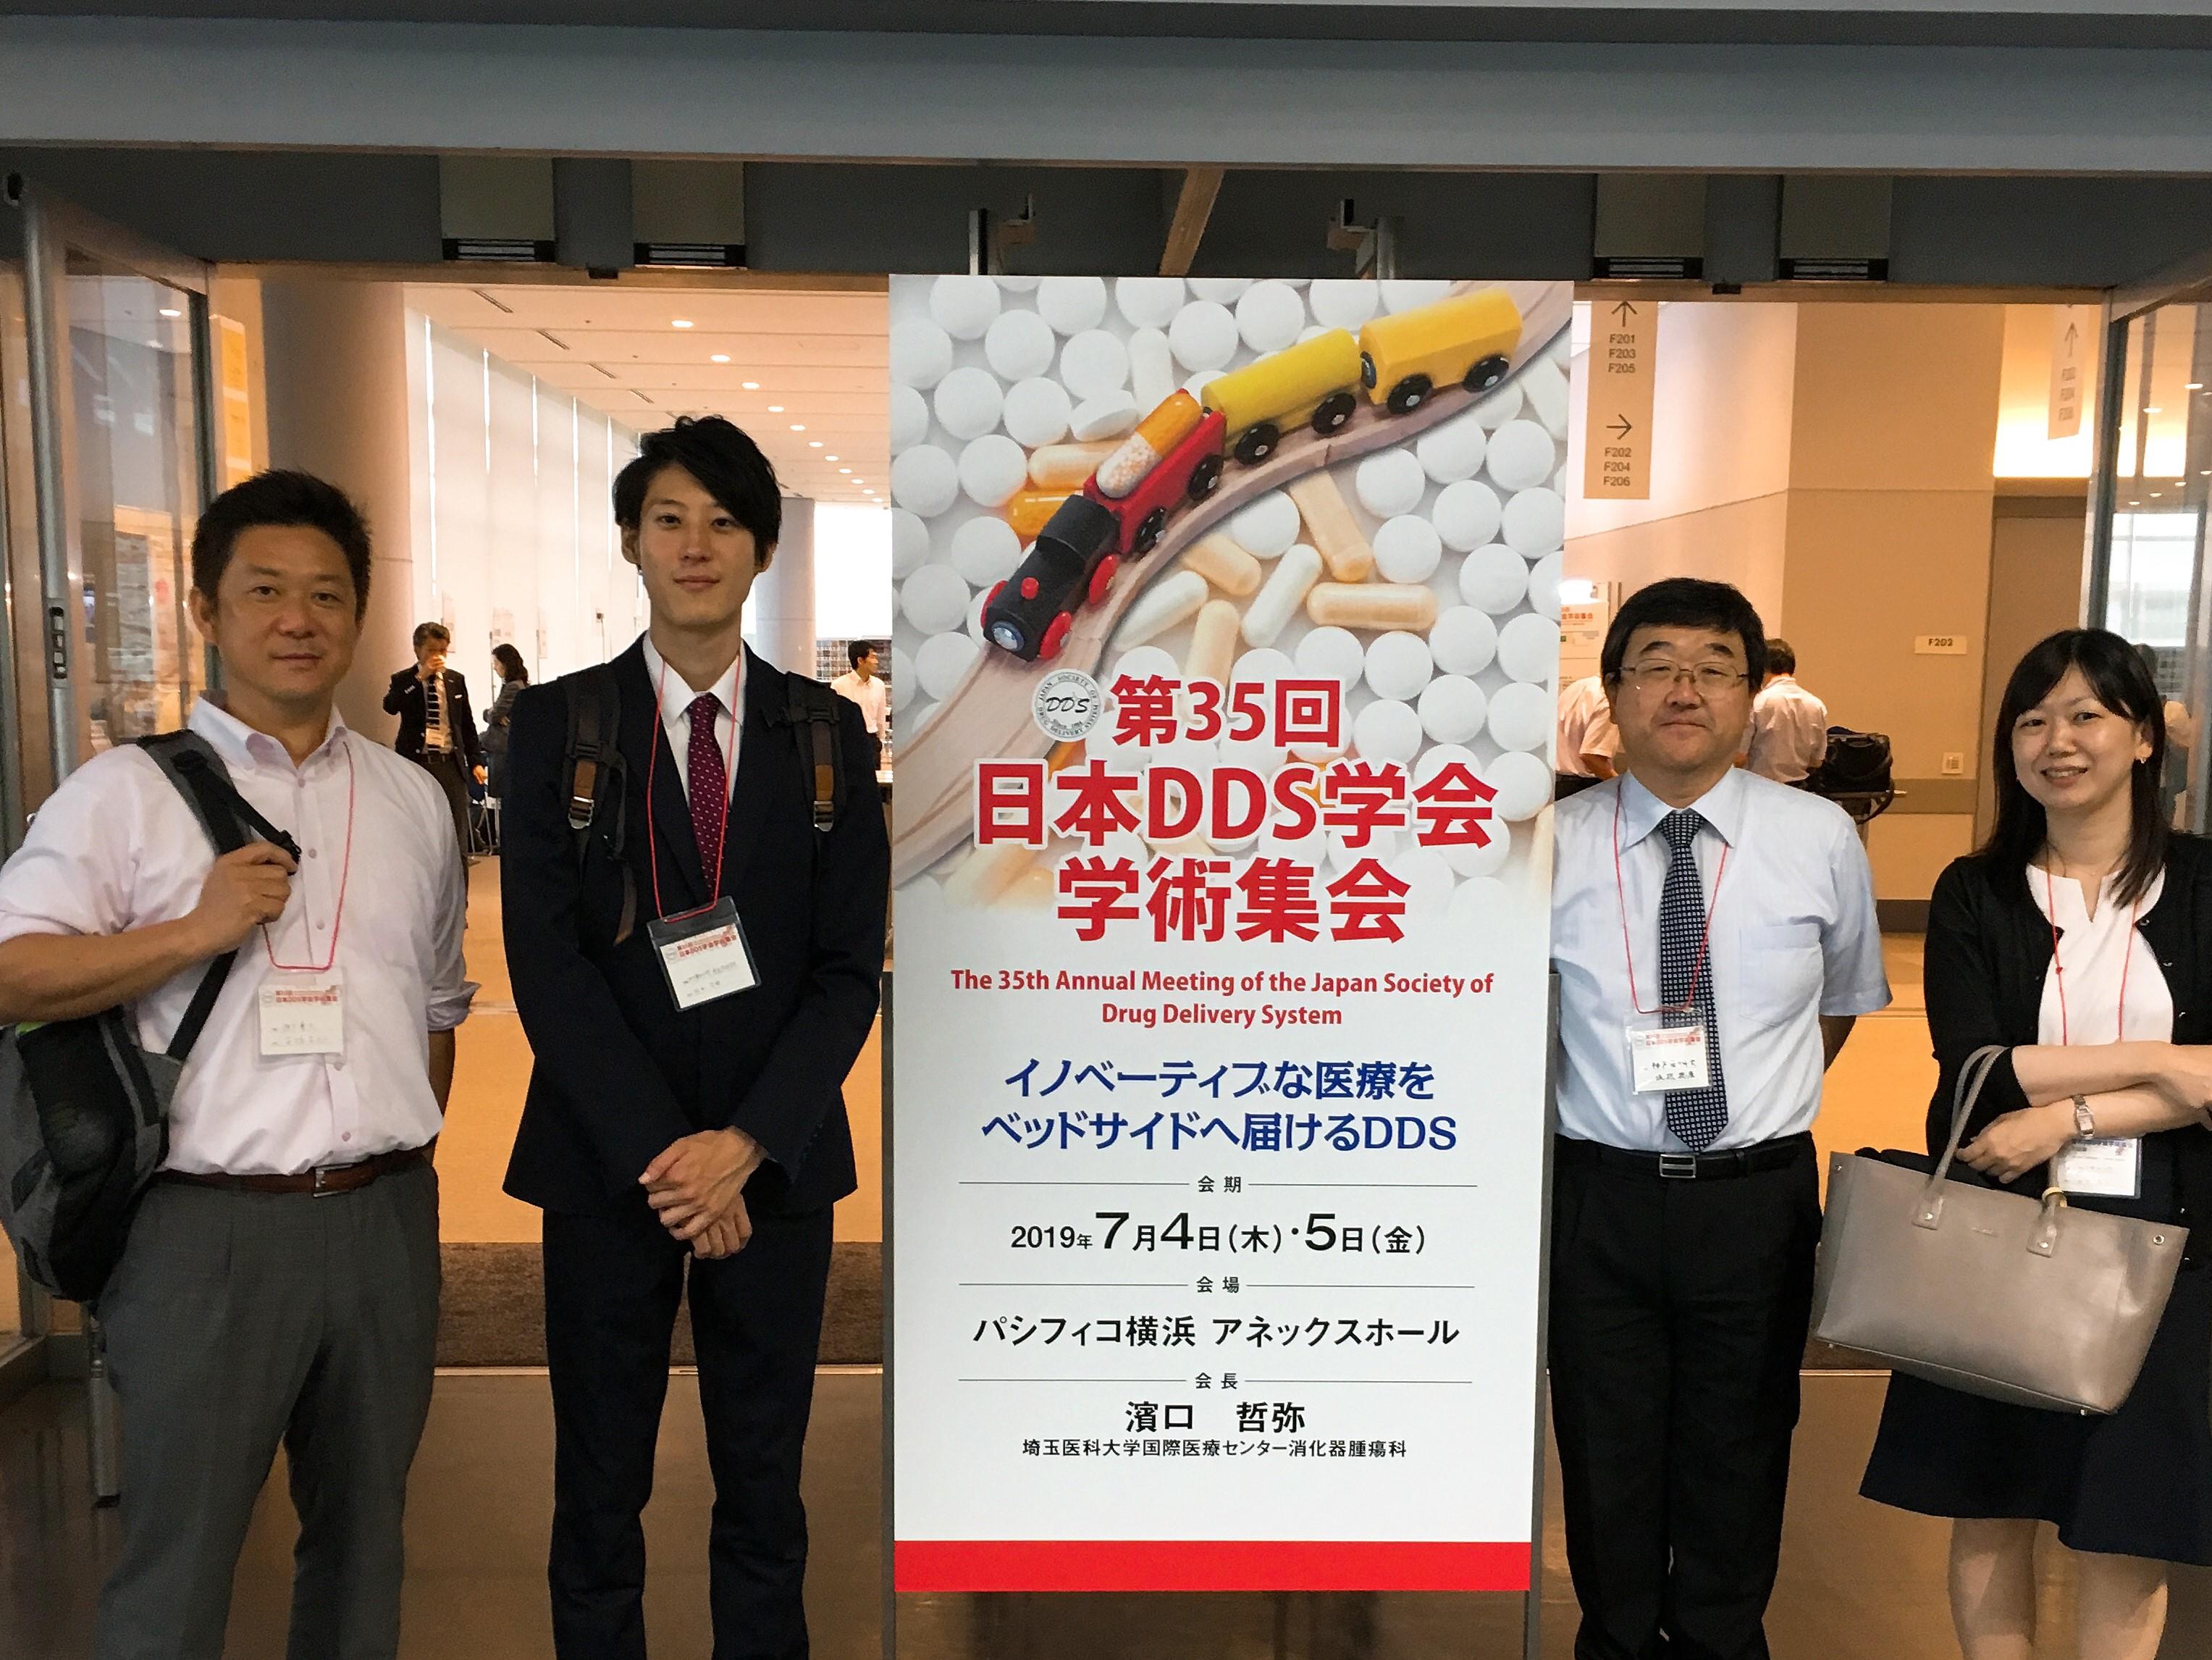 記事 第 35 会日本 DDS 学会学術集会で研究成果を発表しました。のアイキャッチ画像